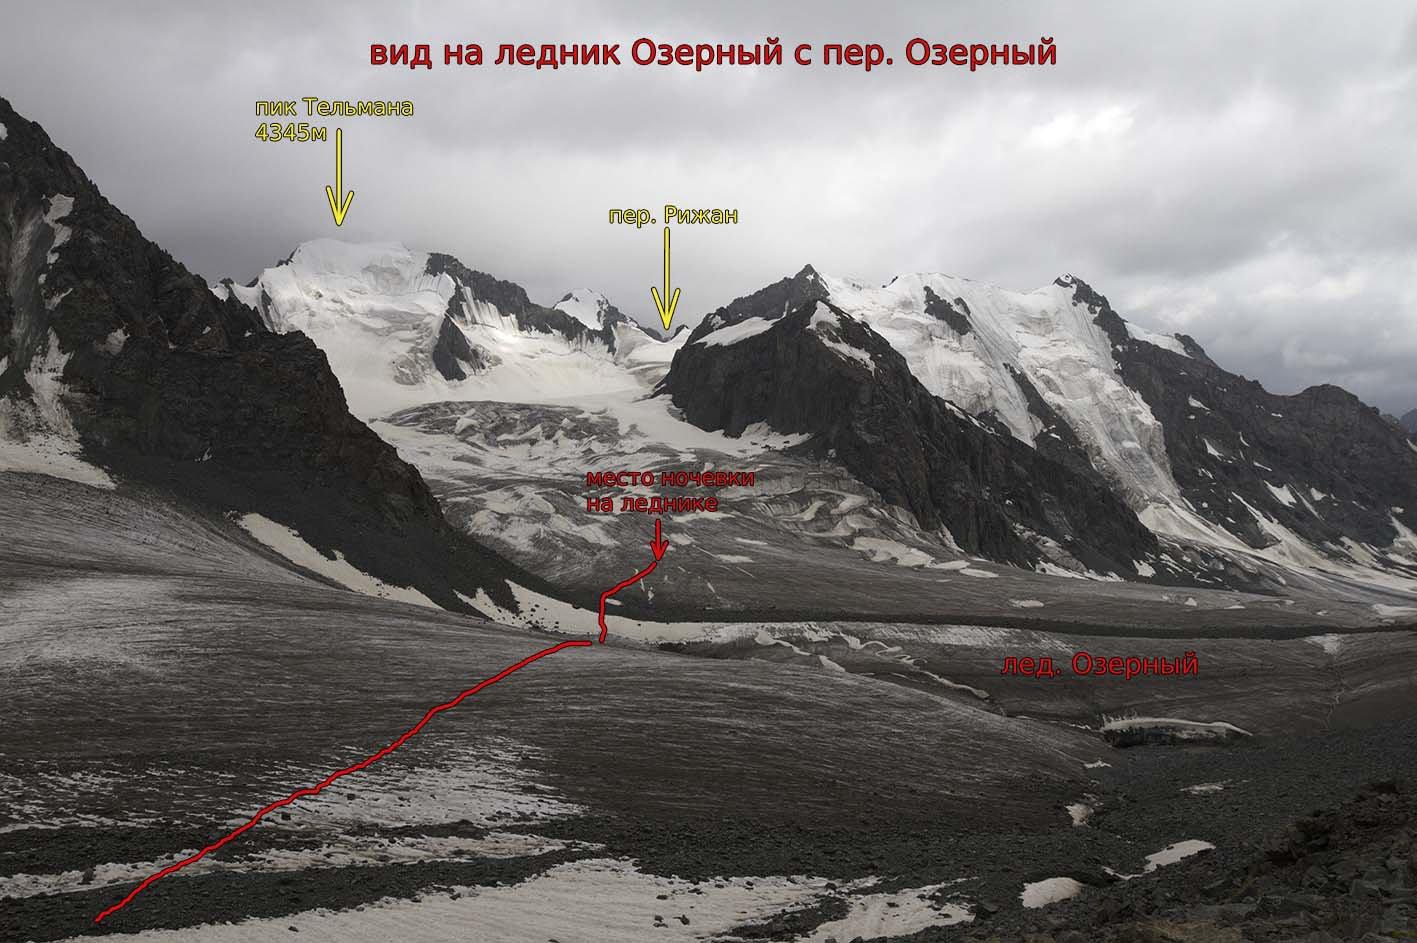 Отчет о горном походе I к.с. с 3 к.с. совершенном по Центральному Тянь-Шаню